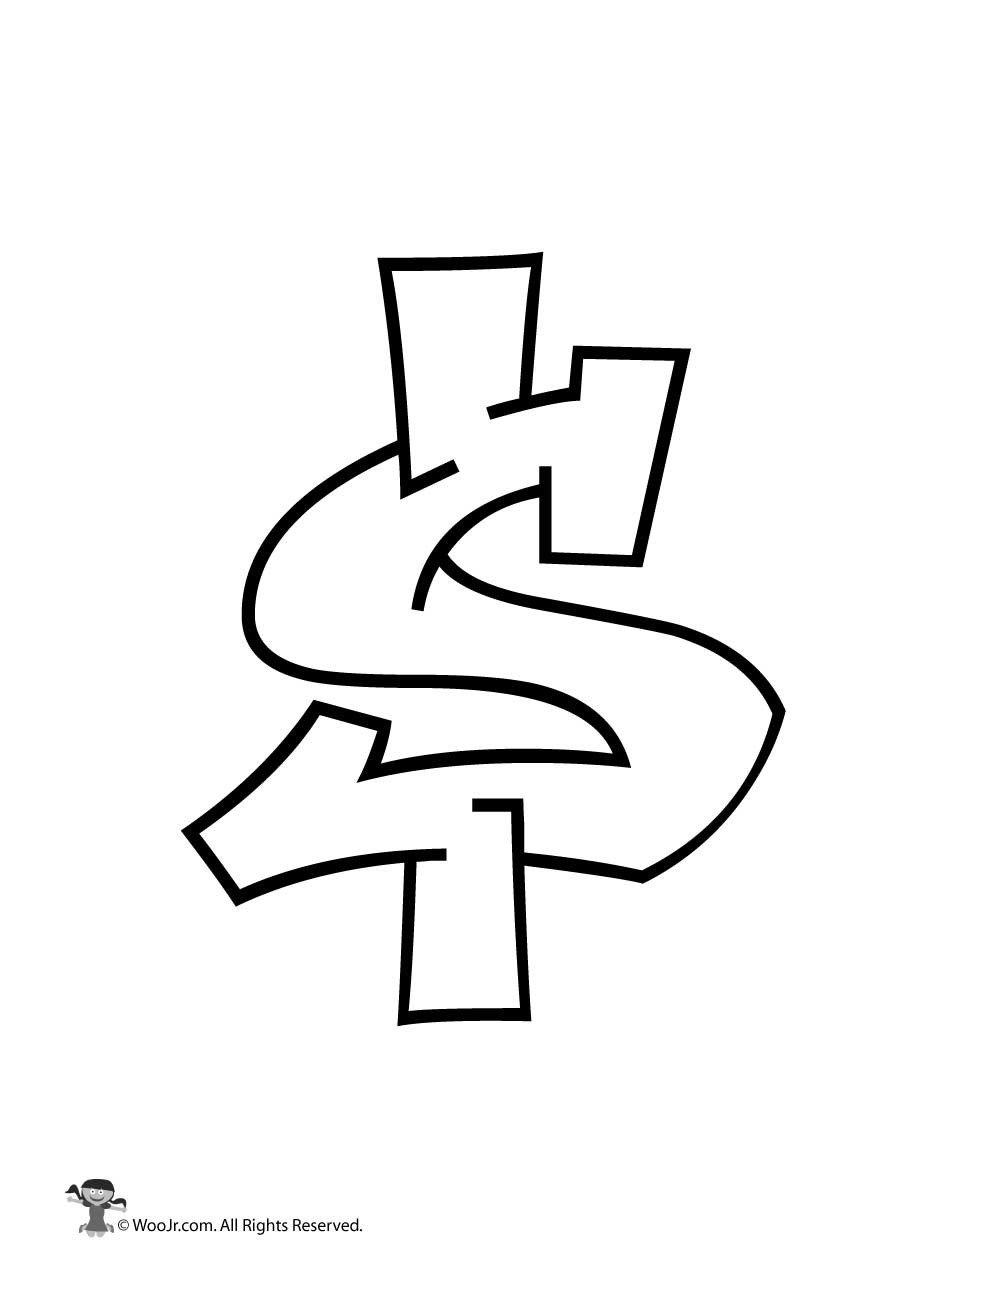 Printable Dollar Signs Printable Christmas Games for Teens Small House Interior